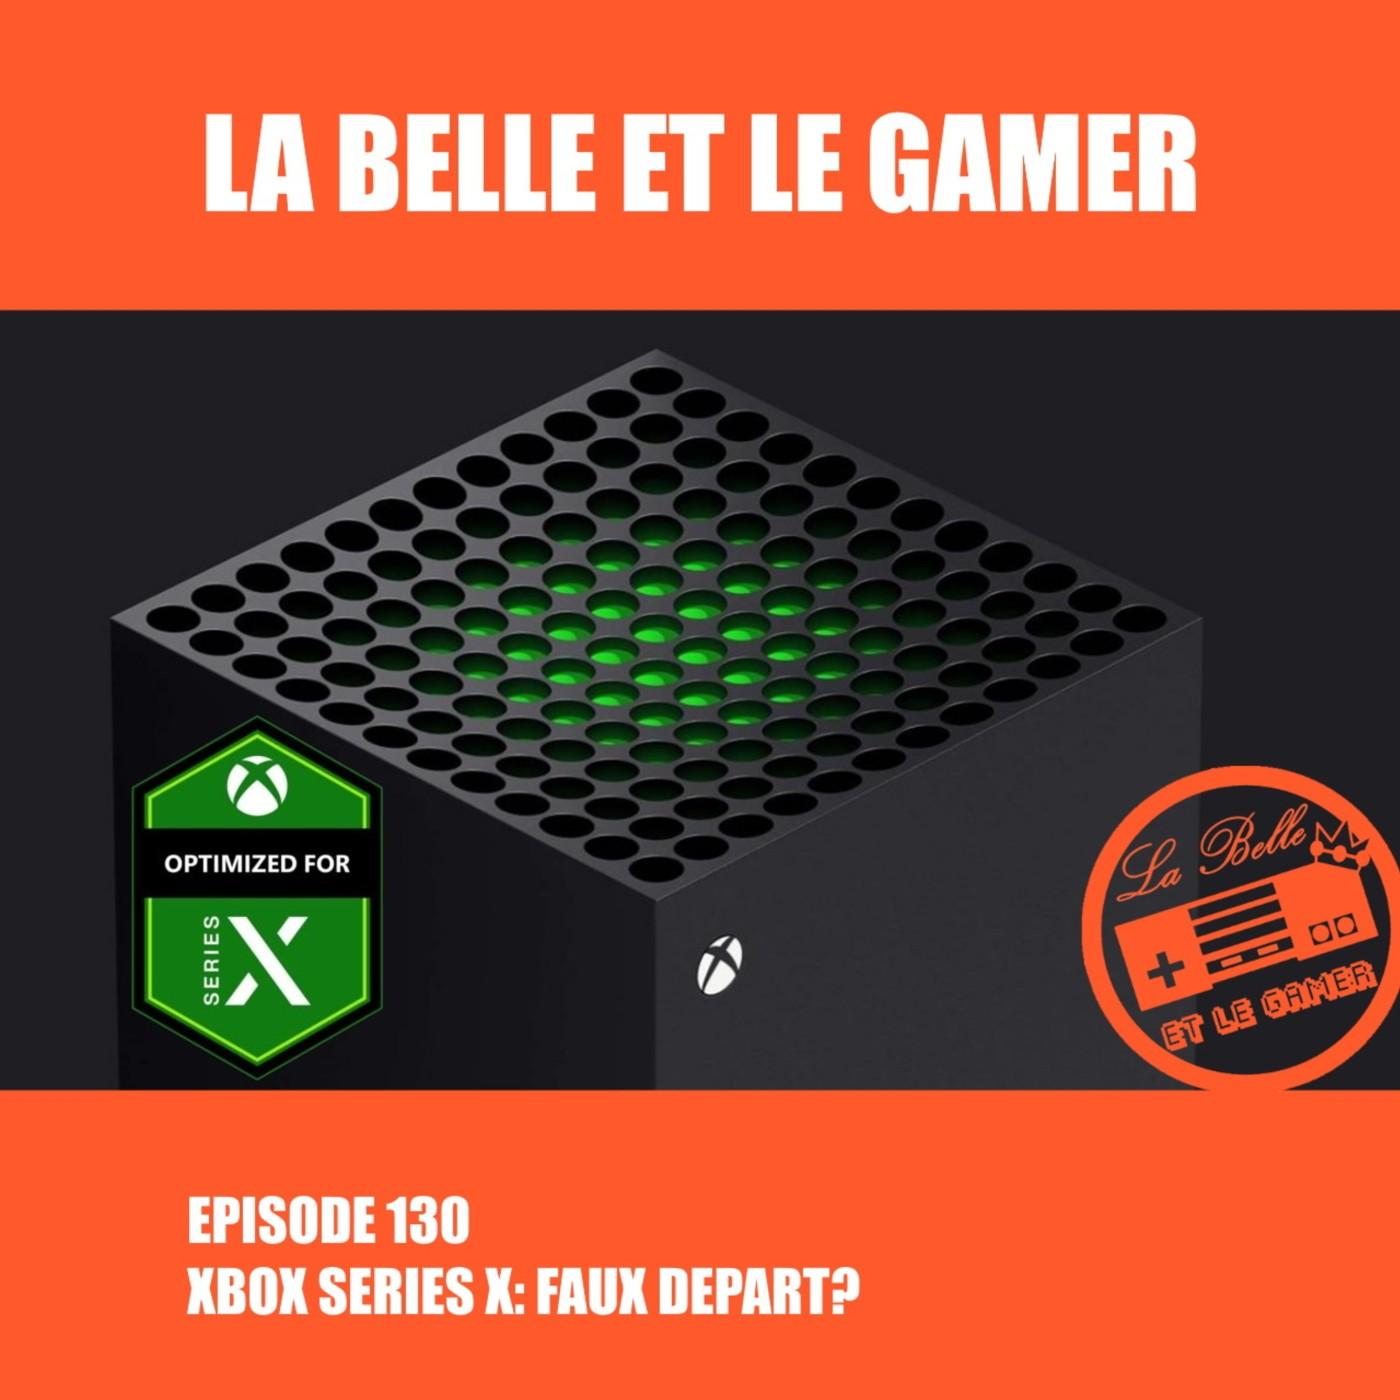 Episode 130: Xbox Series X: Faux Départ?